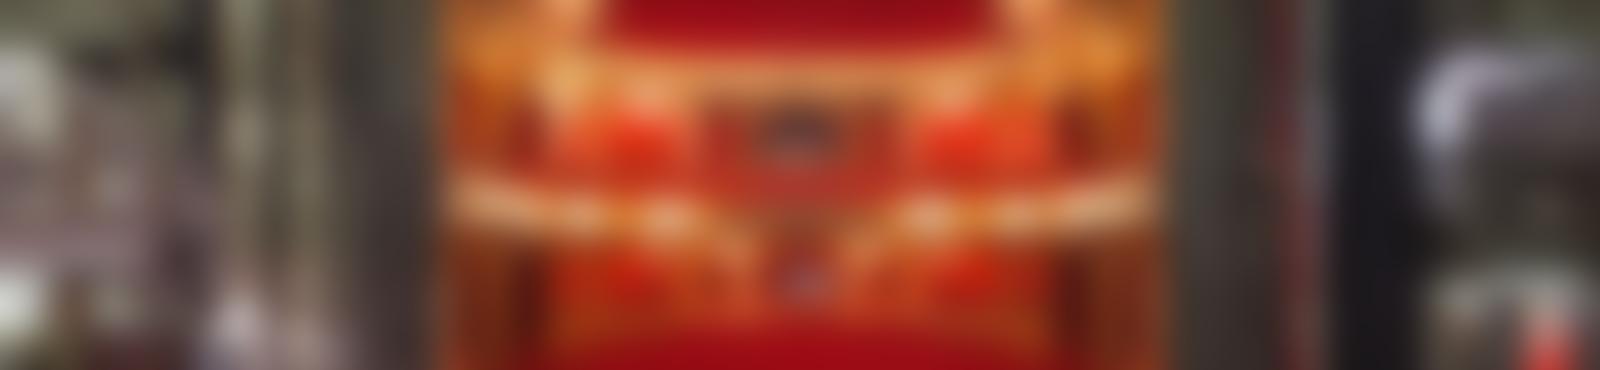 Blurred d5d0d39d 6e43 4227 a9dd af0a07f8653f